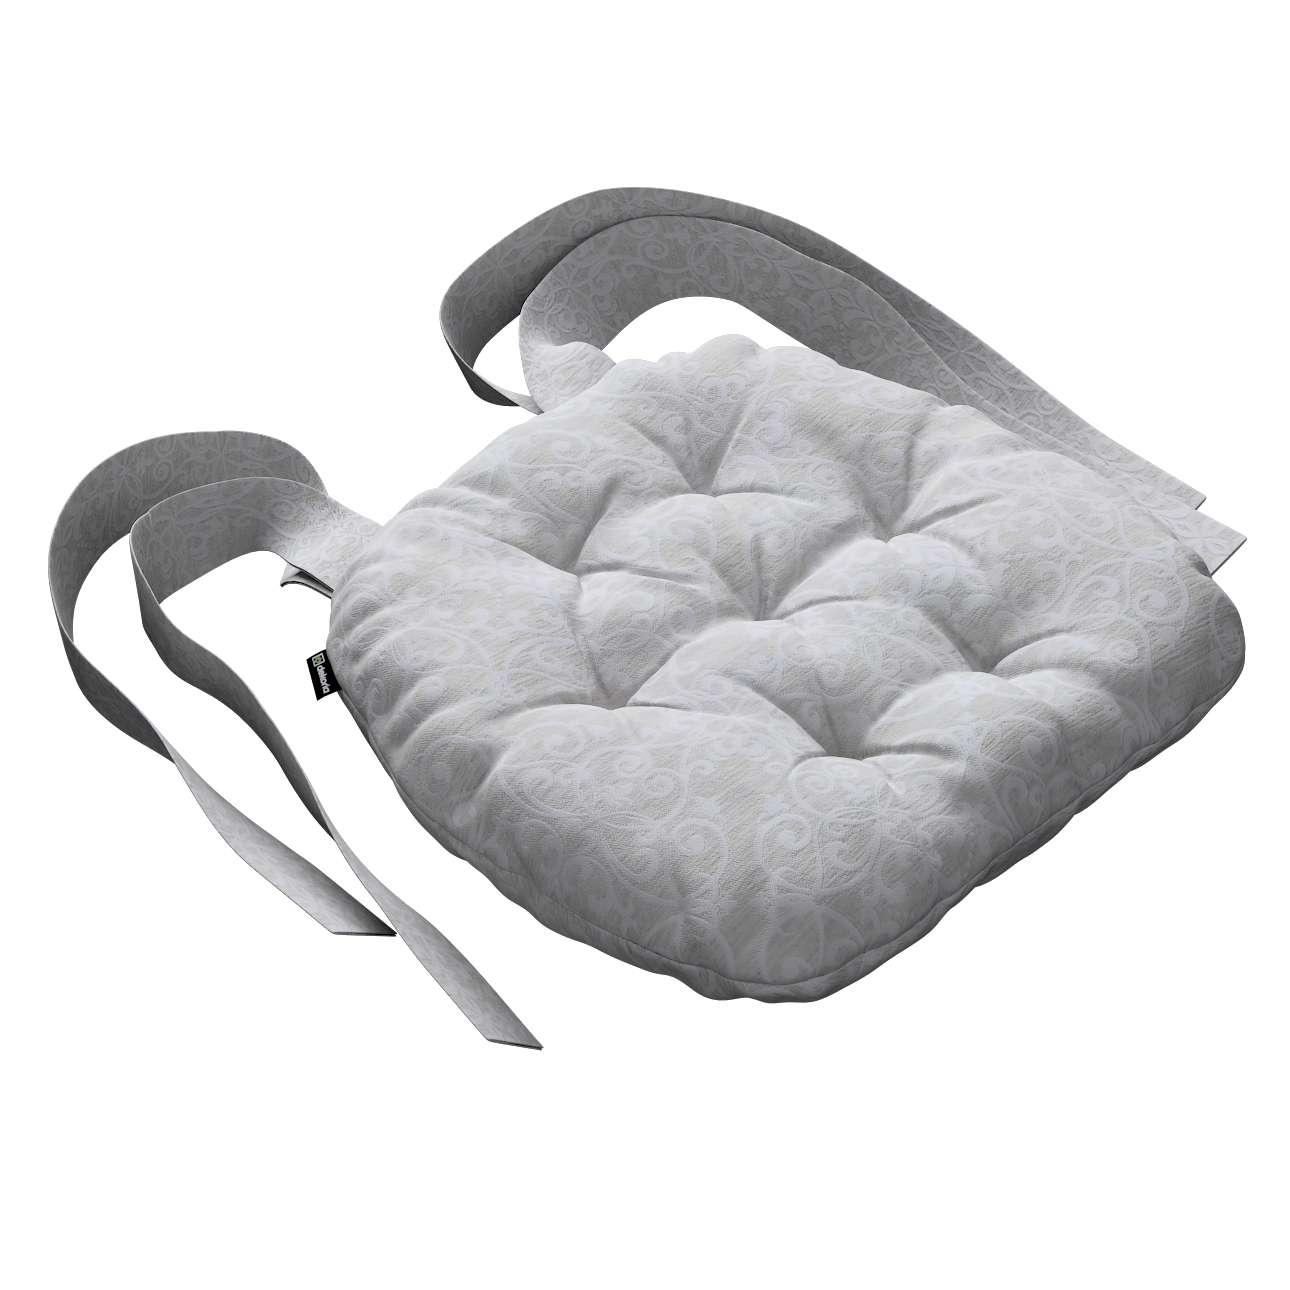 Kėdės pagalvėlė Marcin (apvaliais kraštais) 40 x 37 x 8 cm kolekcijoje Venice, audinys: 140-49